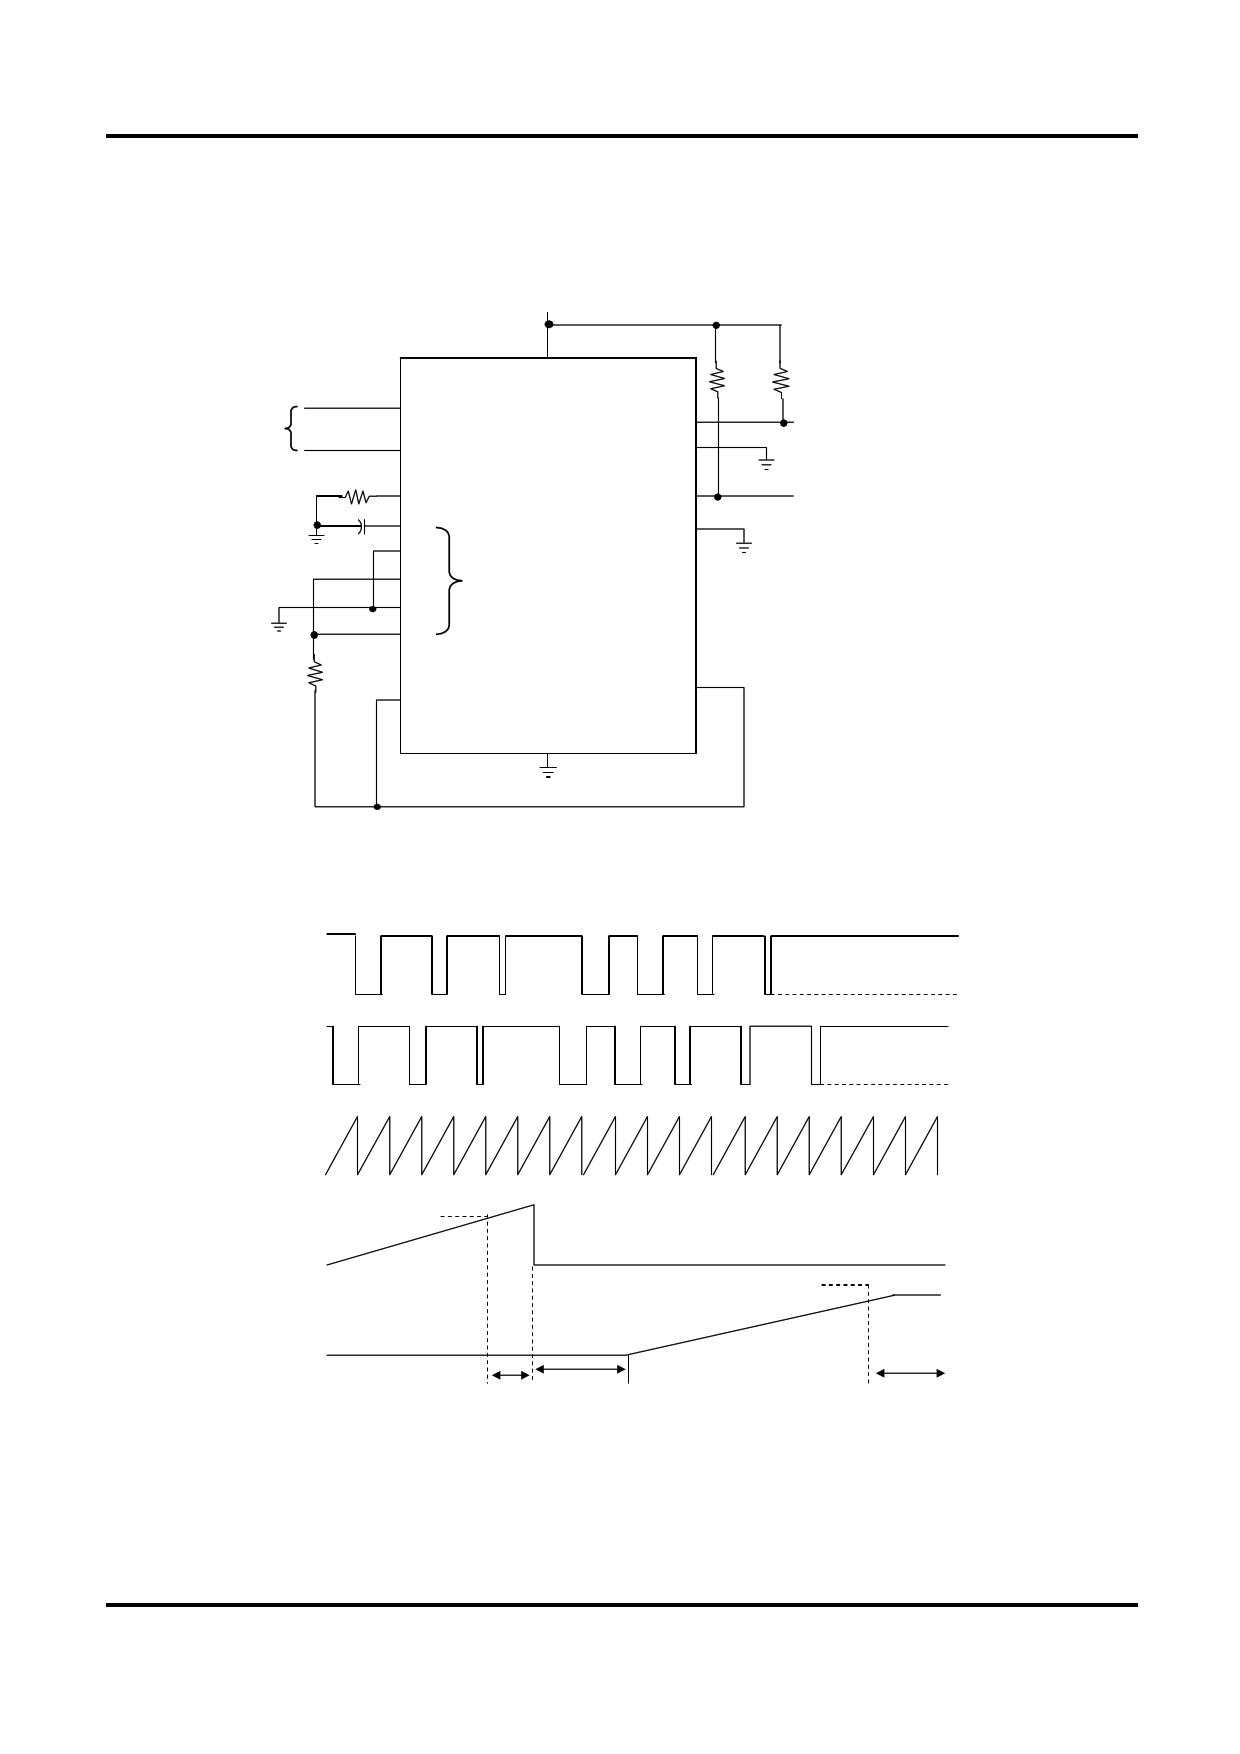 TL494D pdf, equivalent, schematic